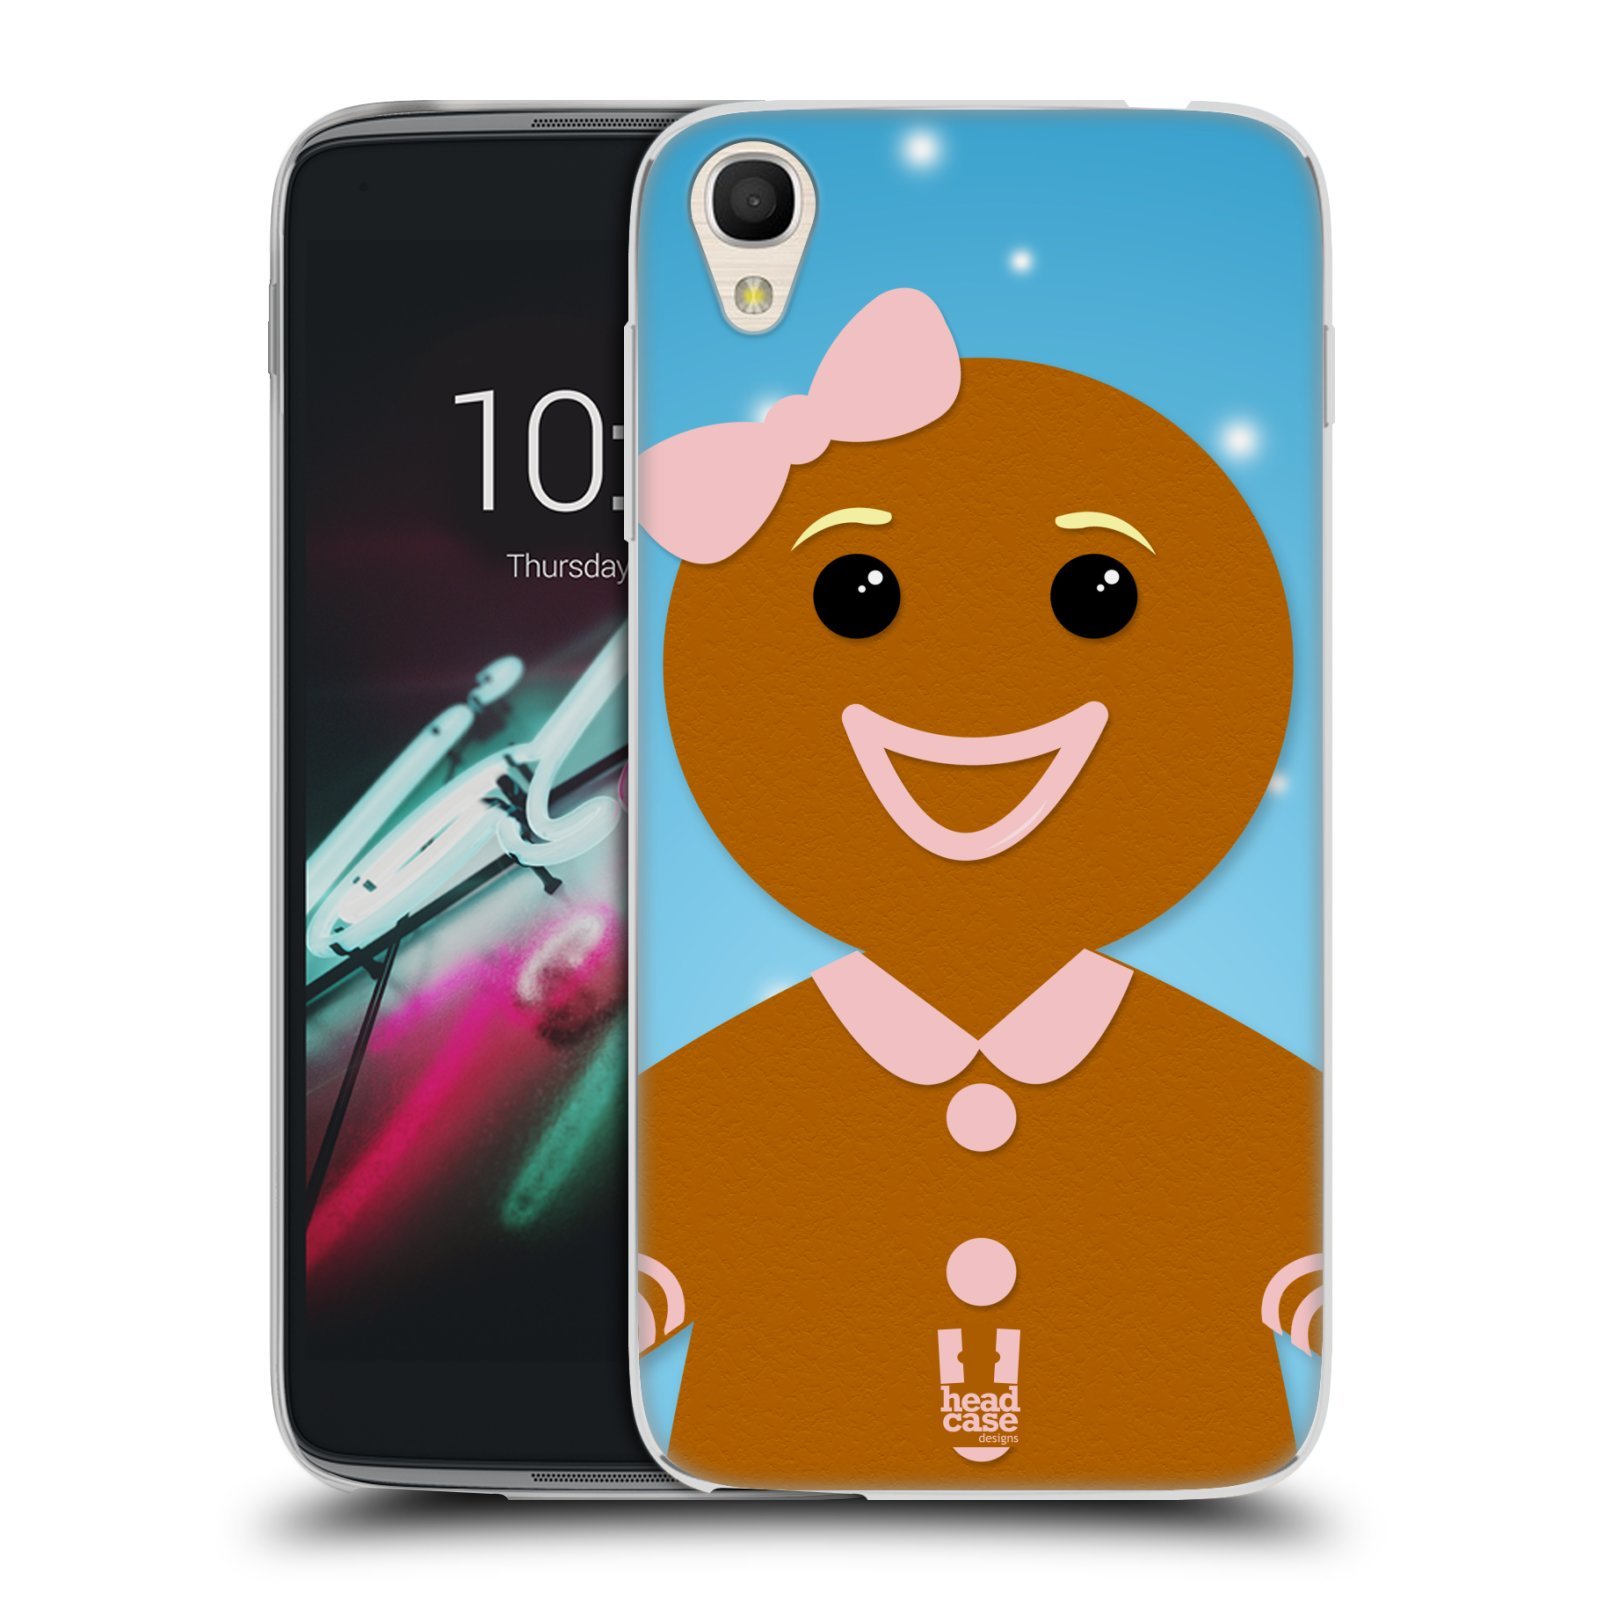 """Silikonové pouzdro na mobil Alcatel One Touch 6039Y Idol 3 HEAD CASE VÁNOCE PERNÍČEK (Silikonový kryt či obal na mobilní telefon Alcatel One Touch Idol 3 OT-6039Y s 4,7"""" displejem)"""